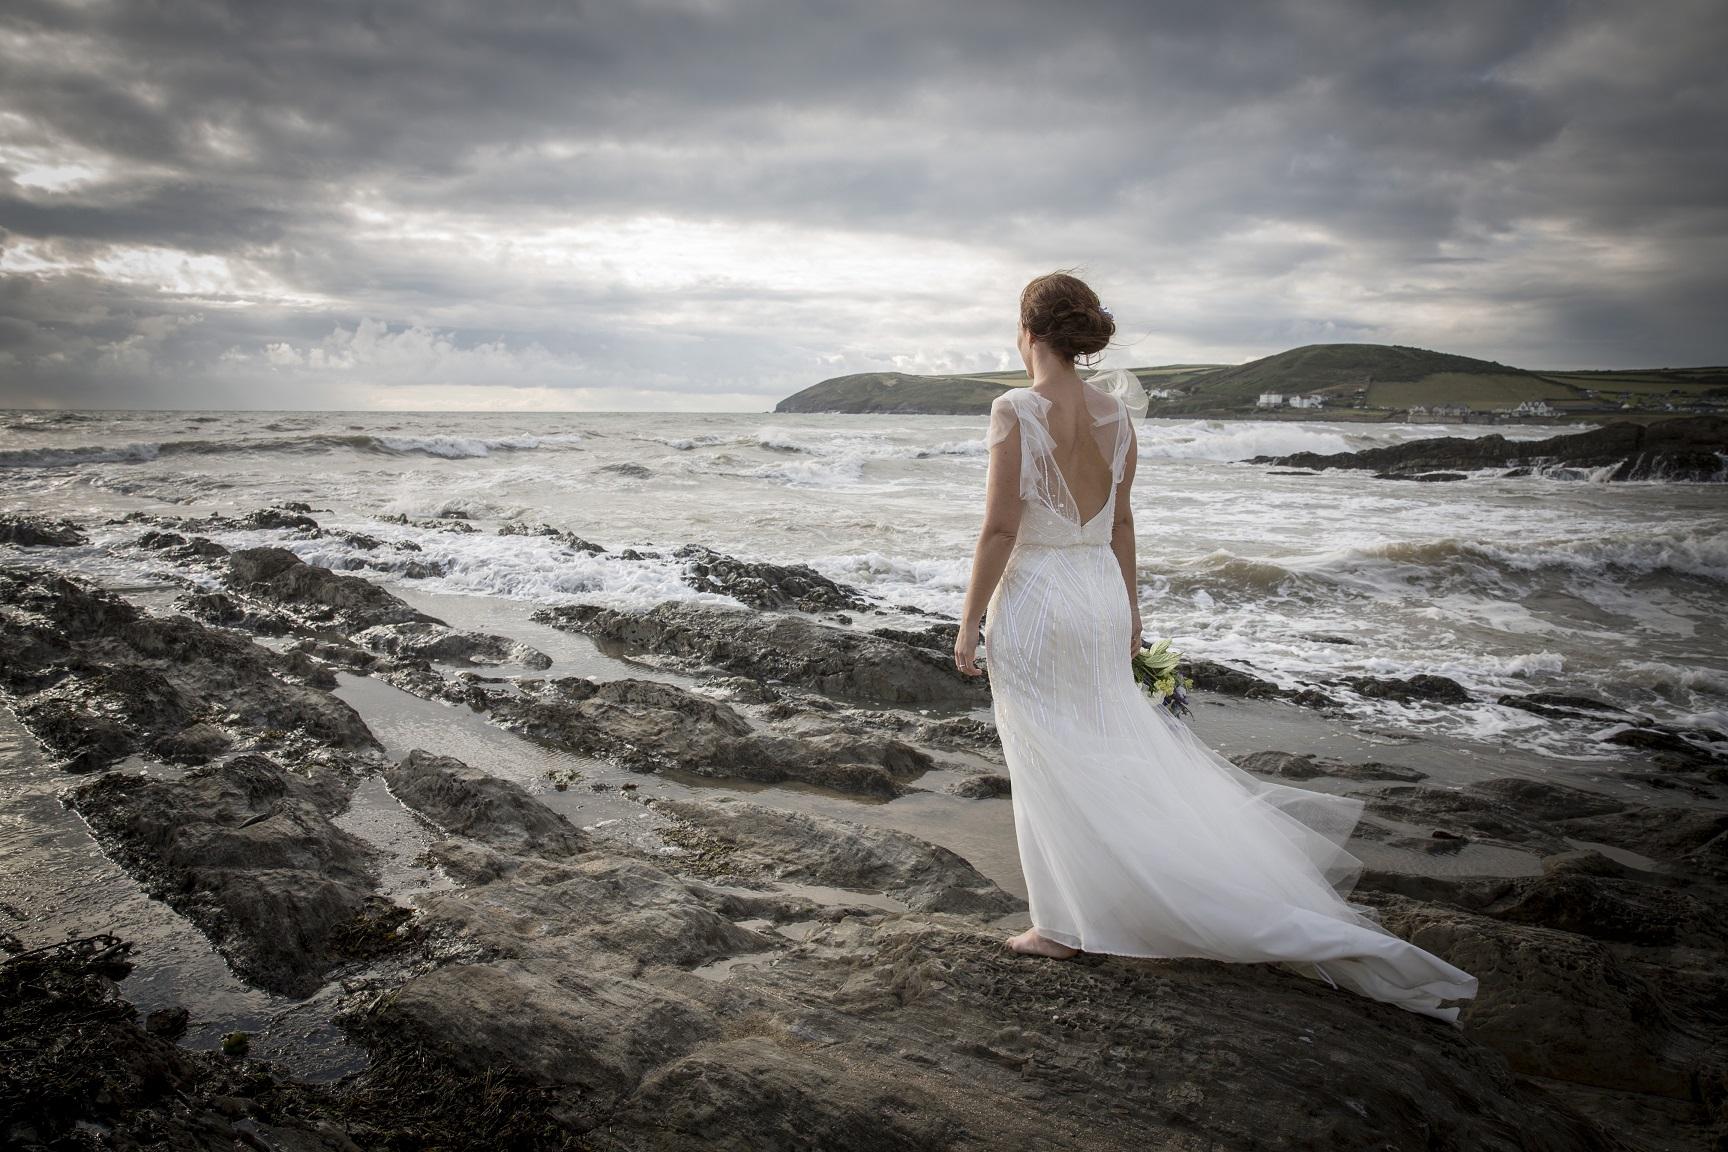 Outdoor Wedding Venue Croyde Beach North Devon Location